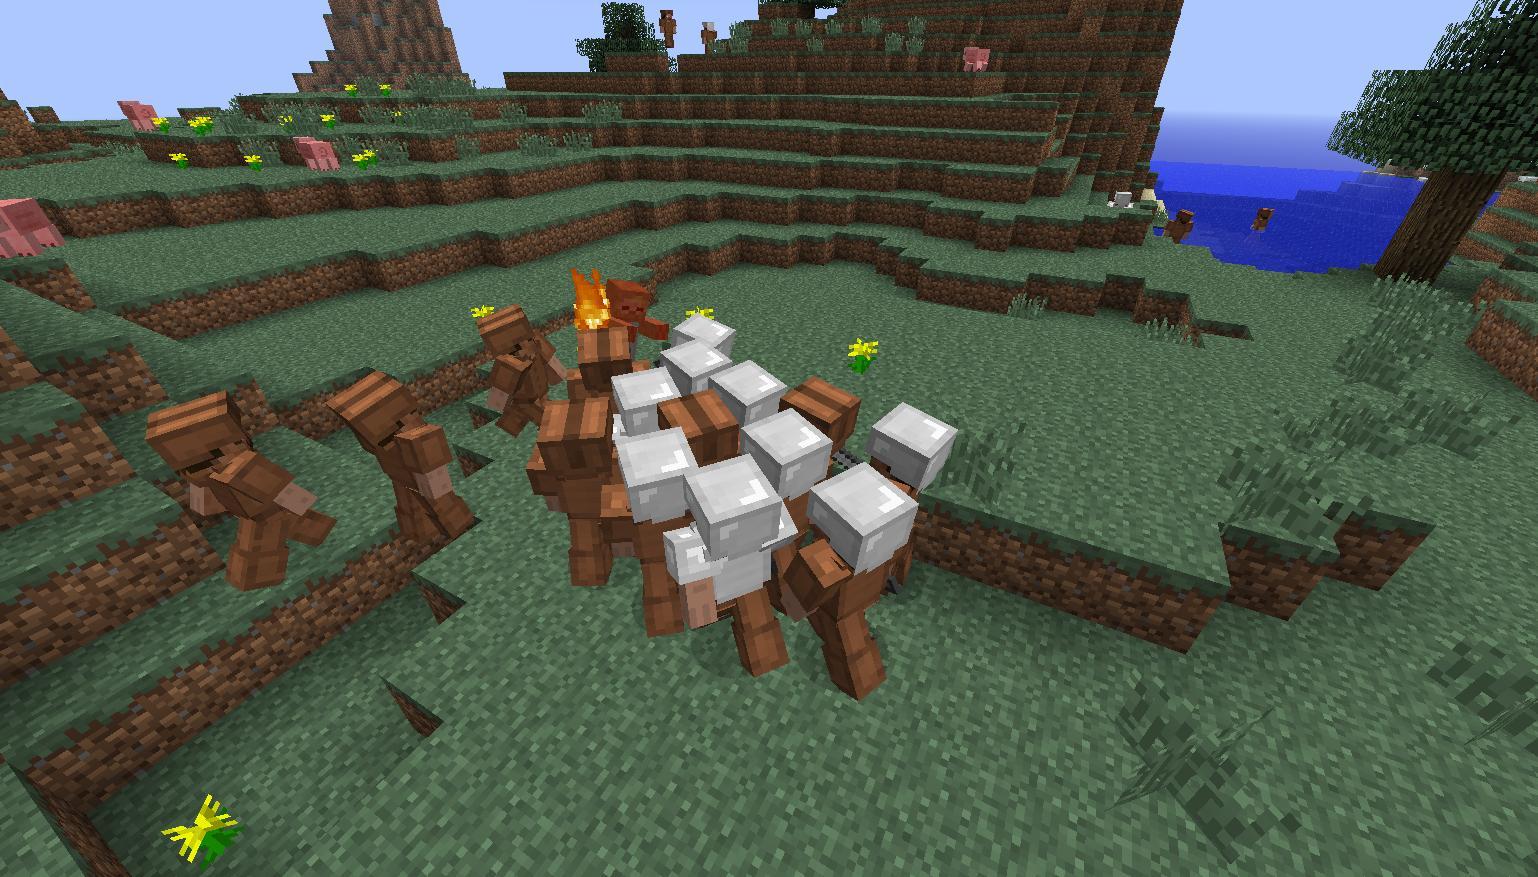 http://minecraft-forum.net/wp-content/uploads/2013/03/41d28__Defensive-Villagers-Mod-3.jpg